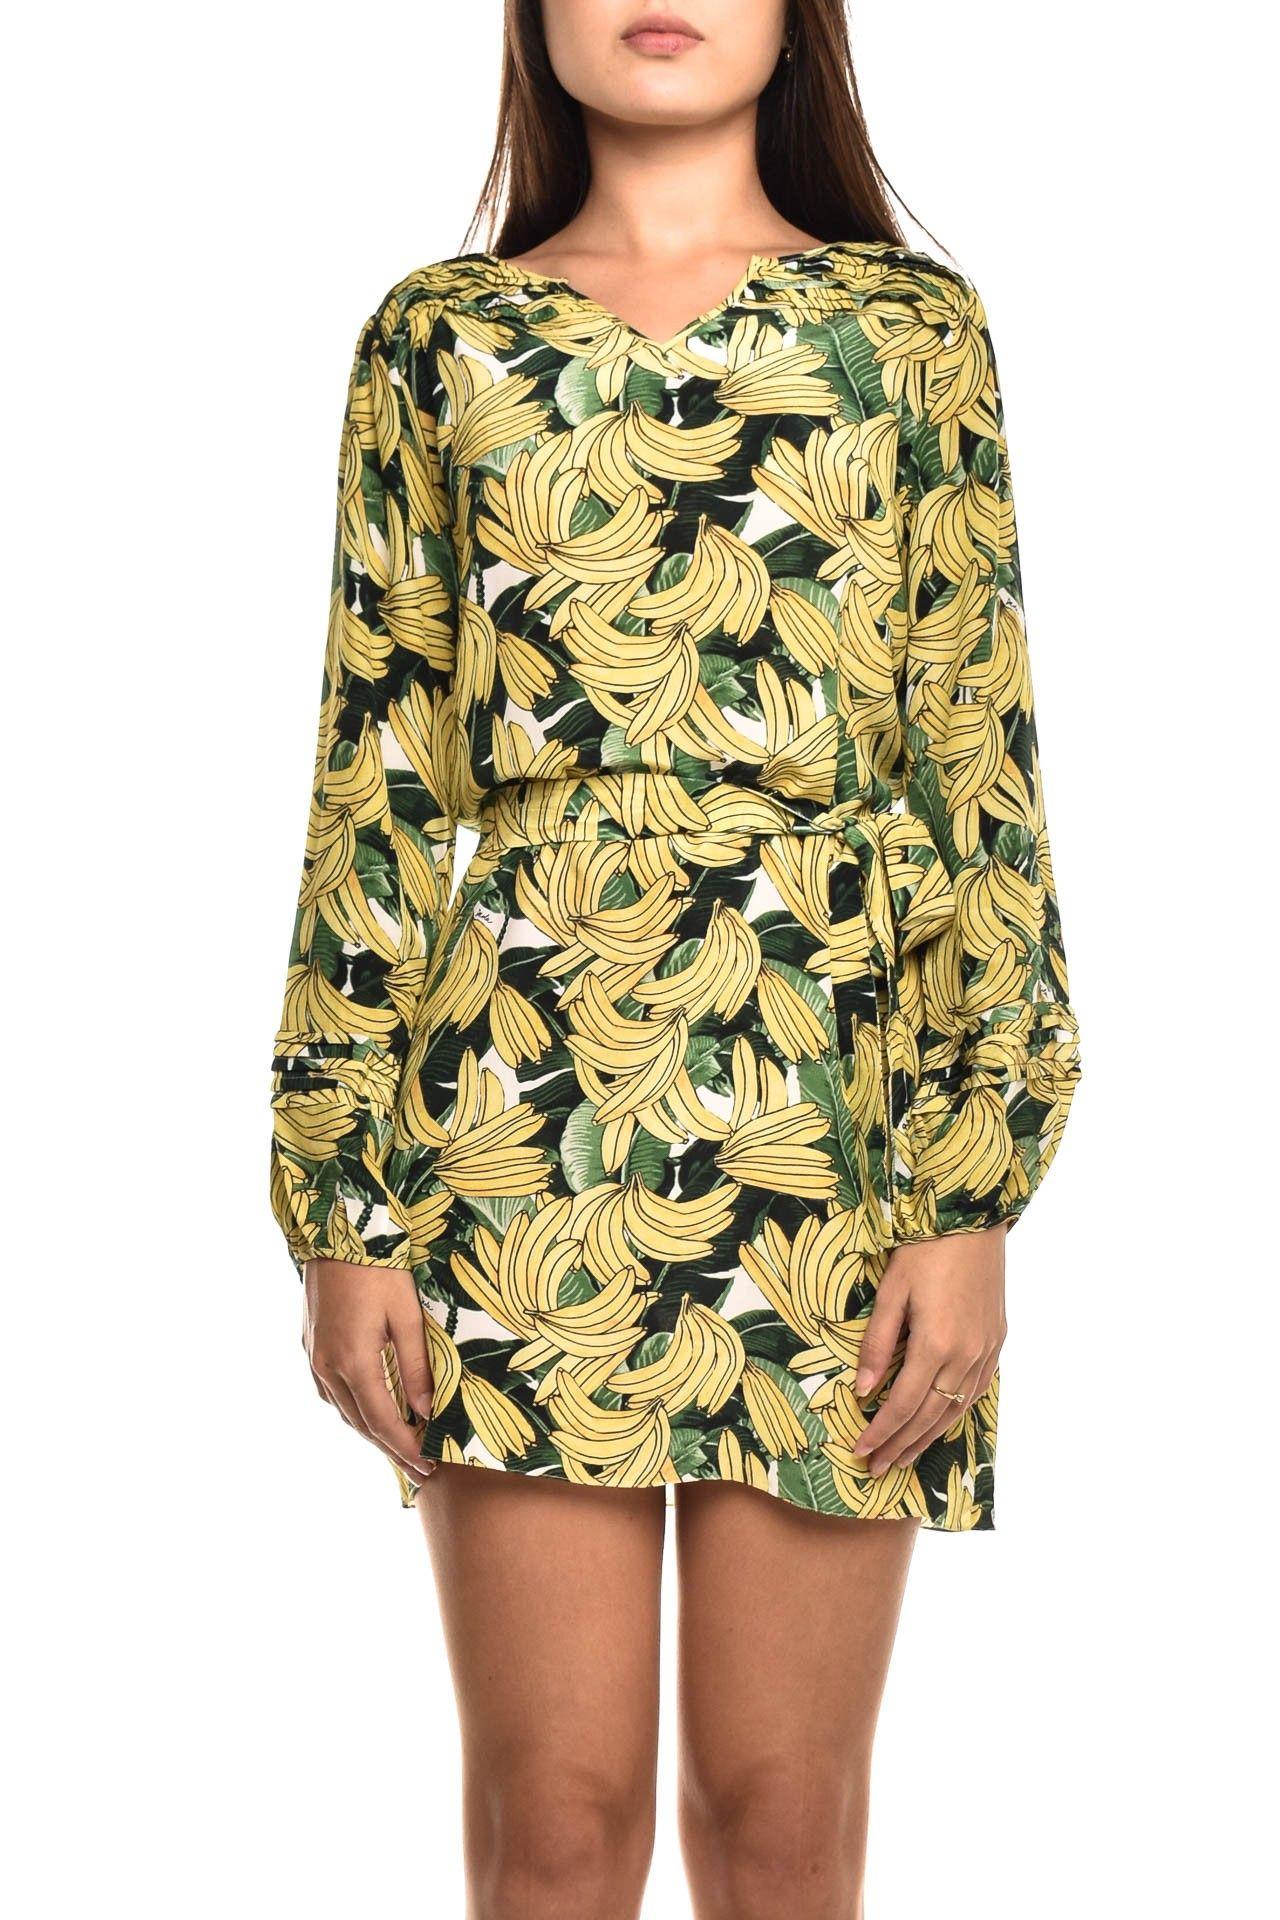 Daslu - Vestido Seda Bananas - Foto 1